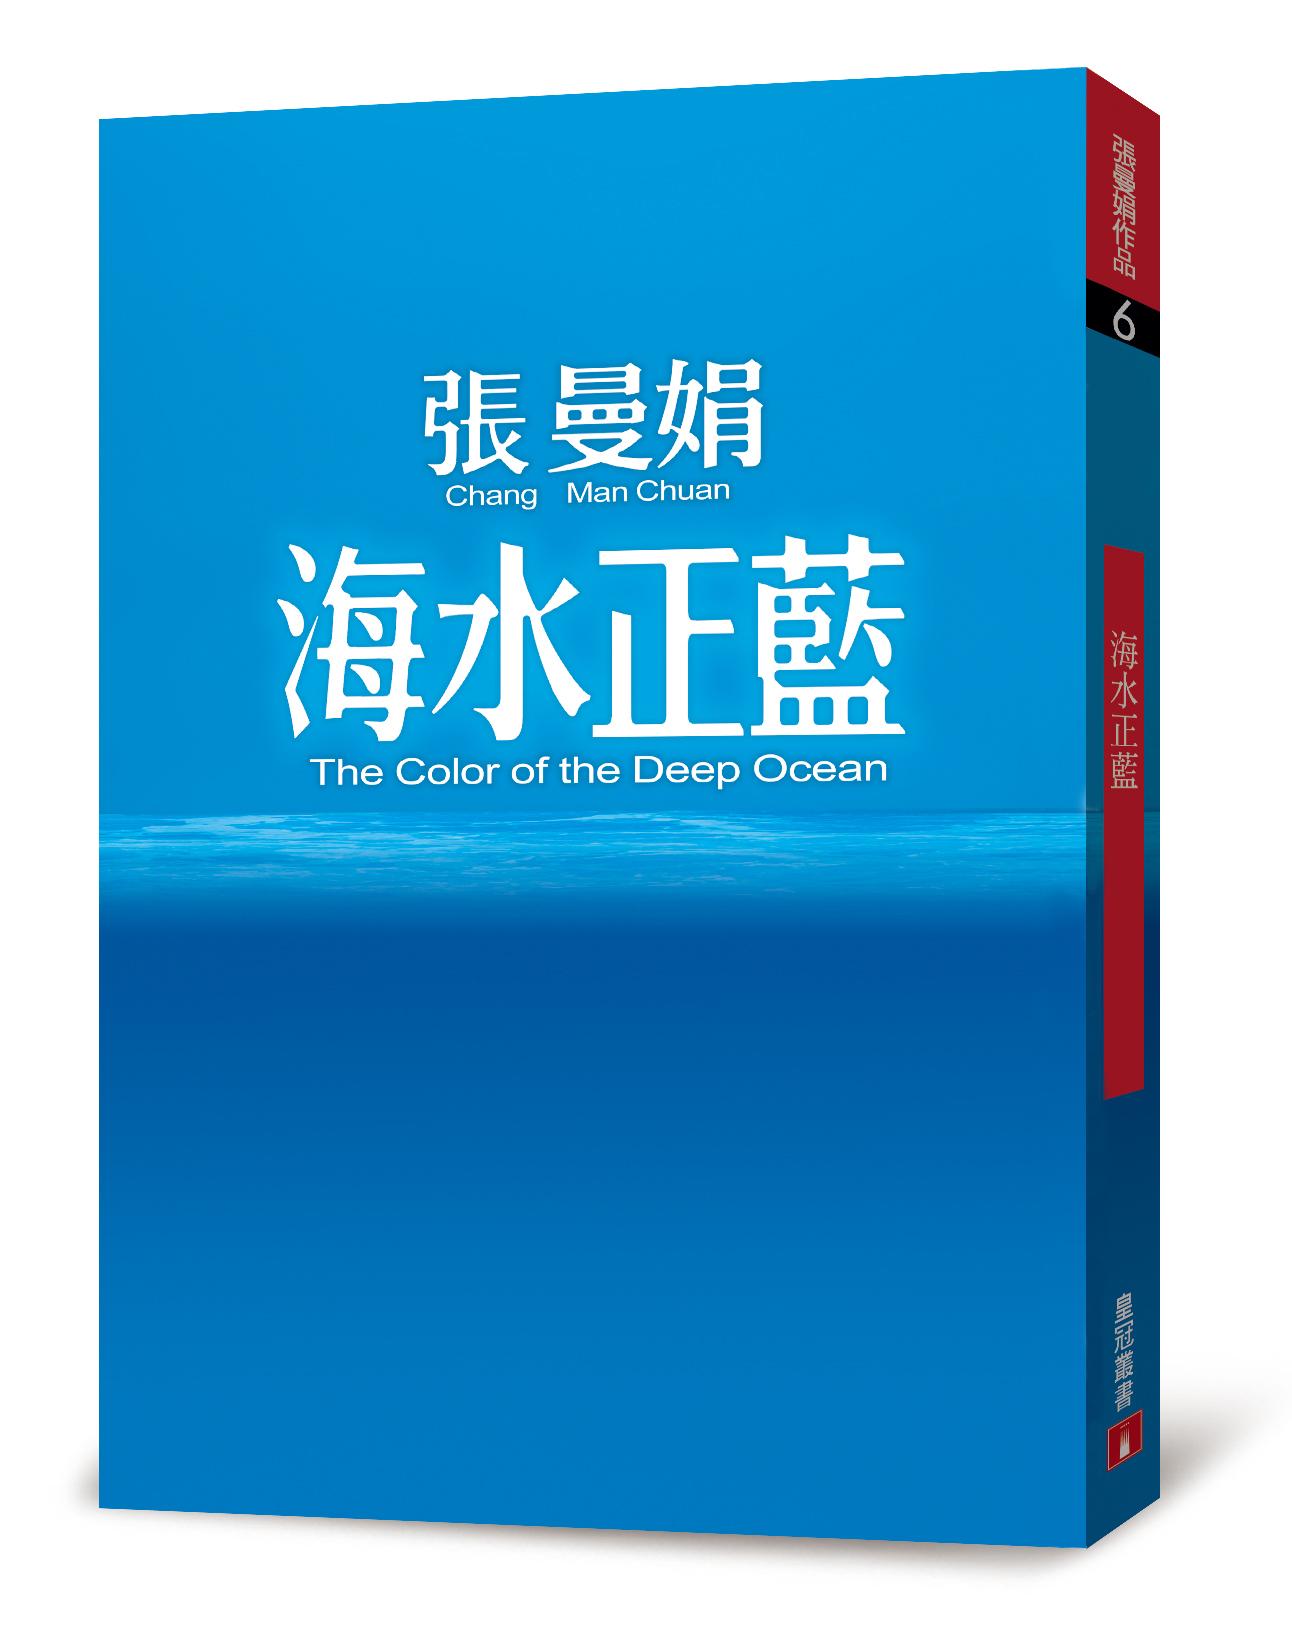 海水正藍(立體)封面300DPI  OK.jpg